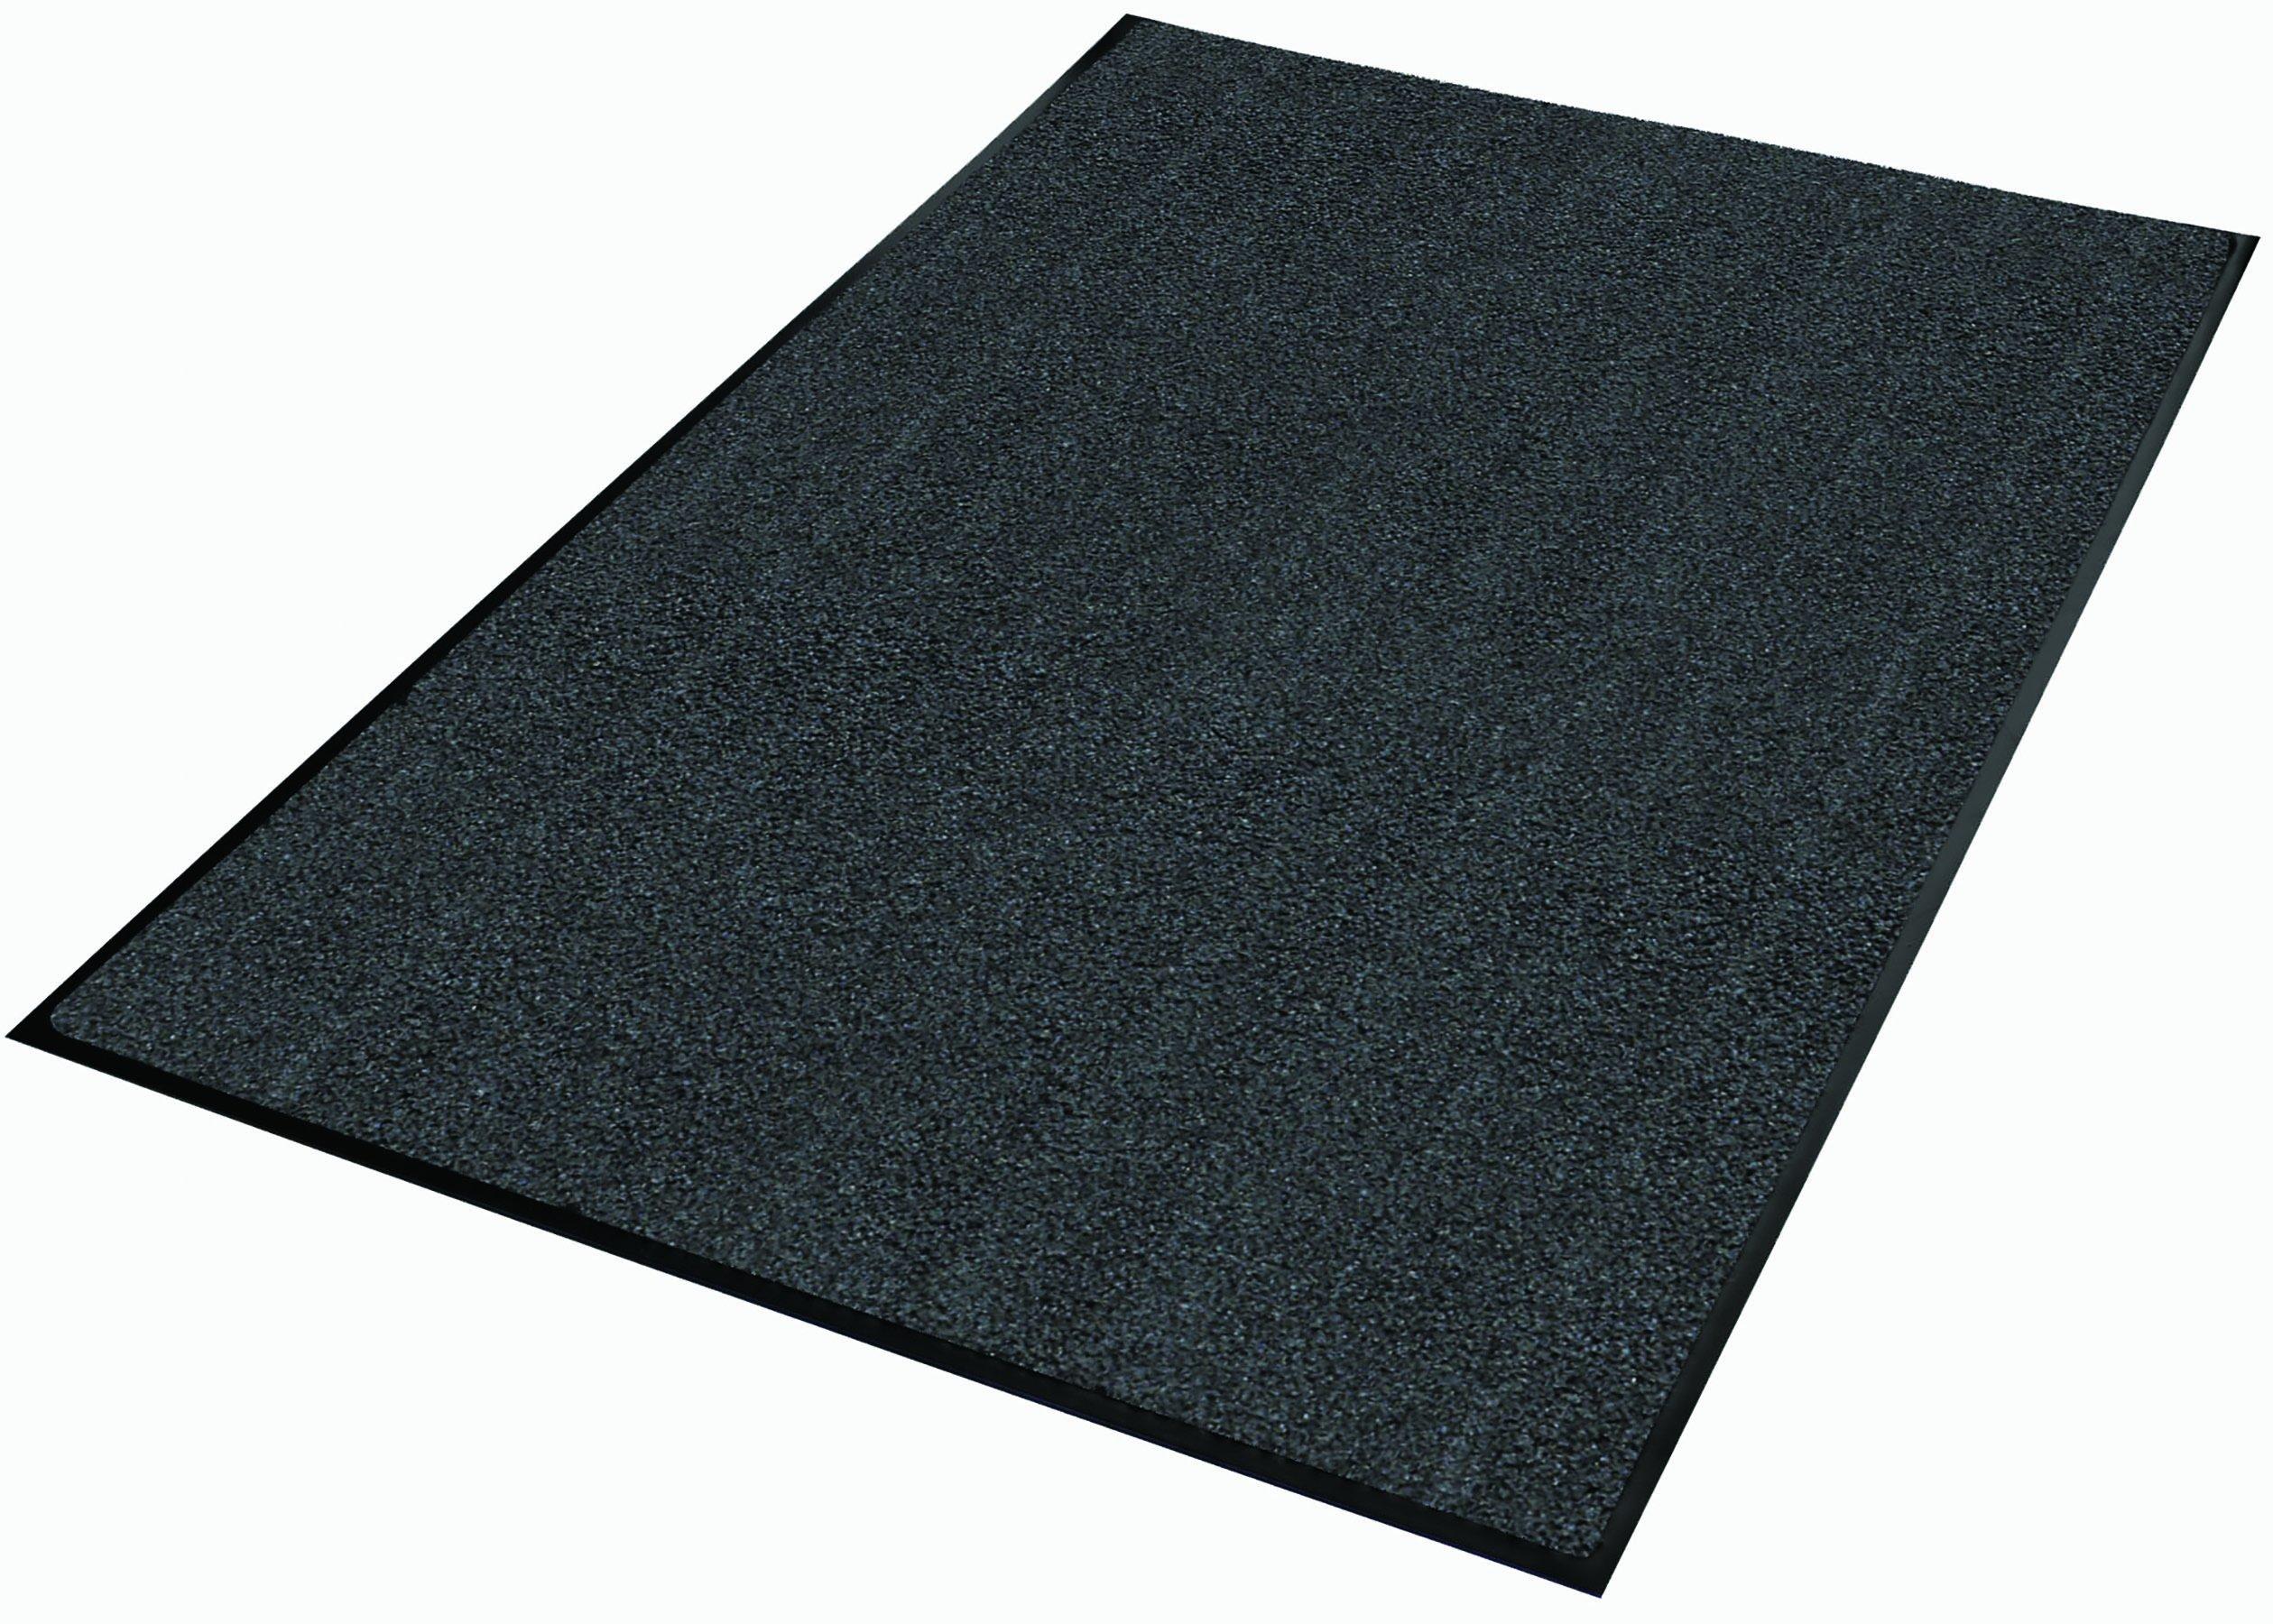 Guardian 94020330 Platinum Series Indoor Wiper Floor Mat, 2' x 3', Grey by Guardian